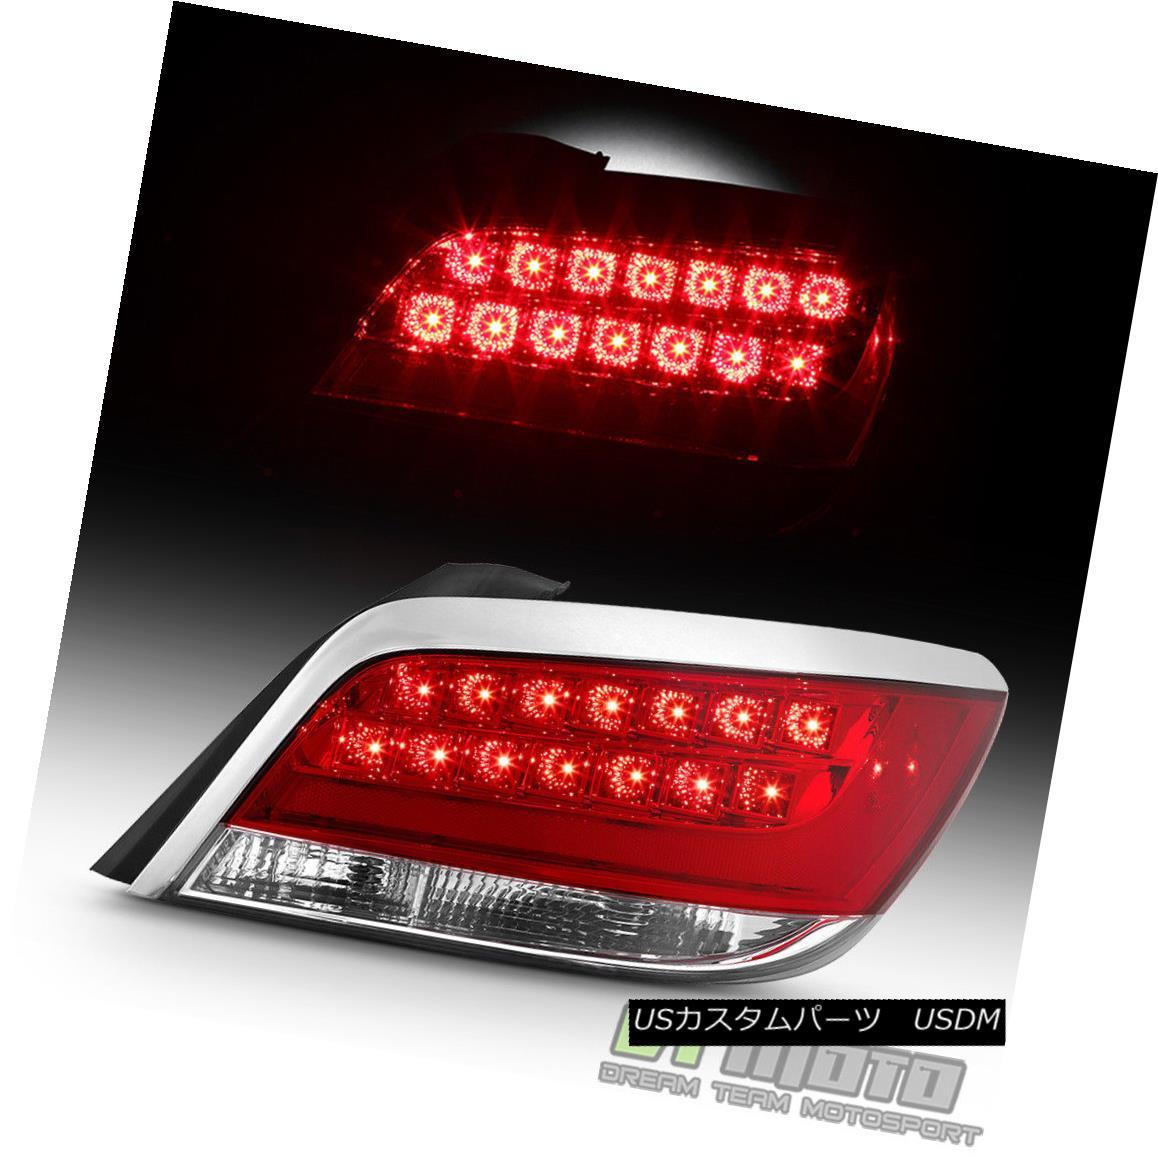 テールライト 2010 2011 2012 2013 Buick LaCrosse LED Tail Light Brake Lamp RH Passenger Side 2010 2011 2012 2013ビュイックラクロスLEDテールライトブレーキランプRH乗客側